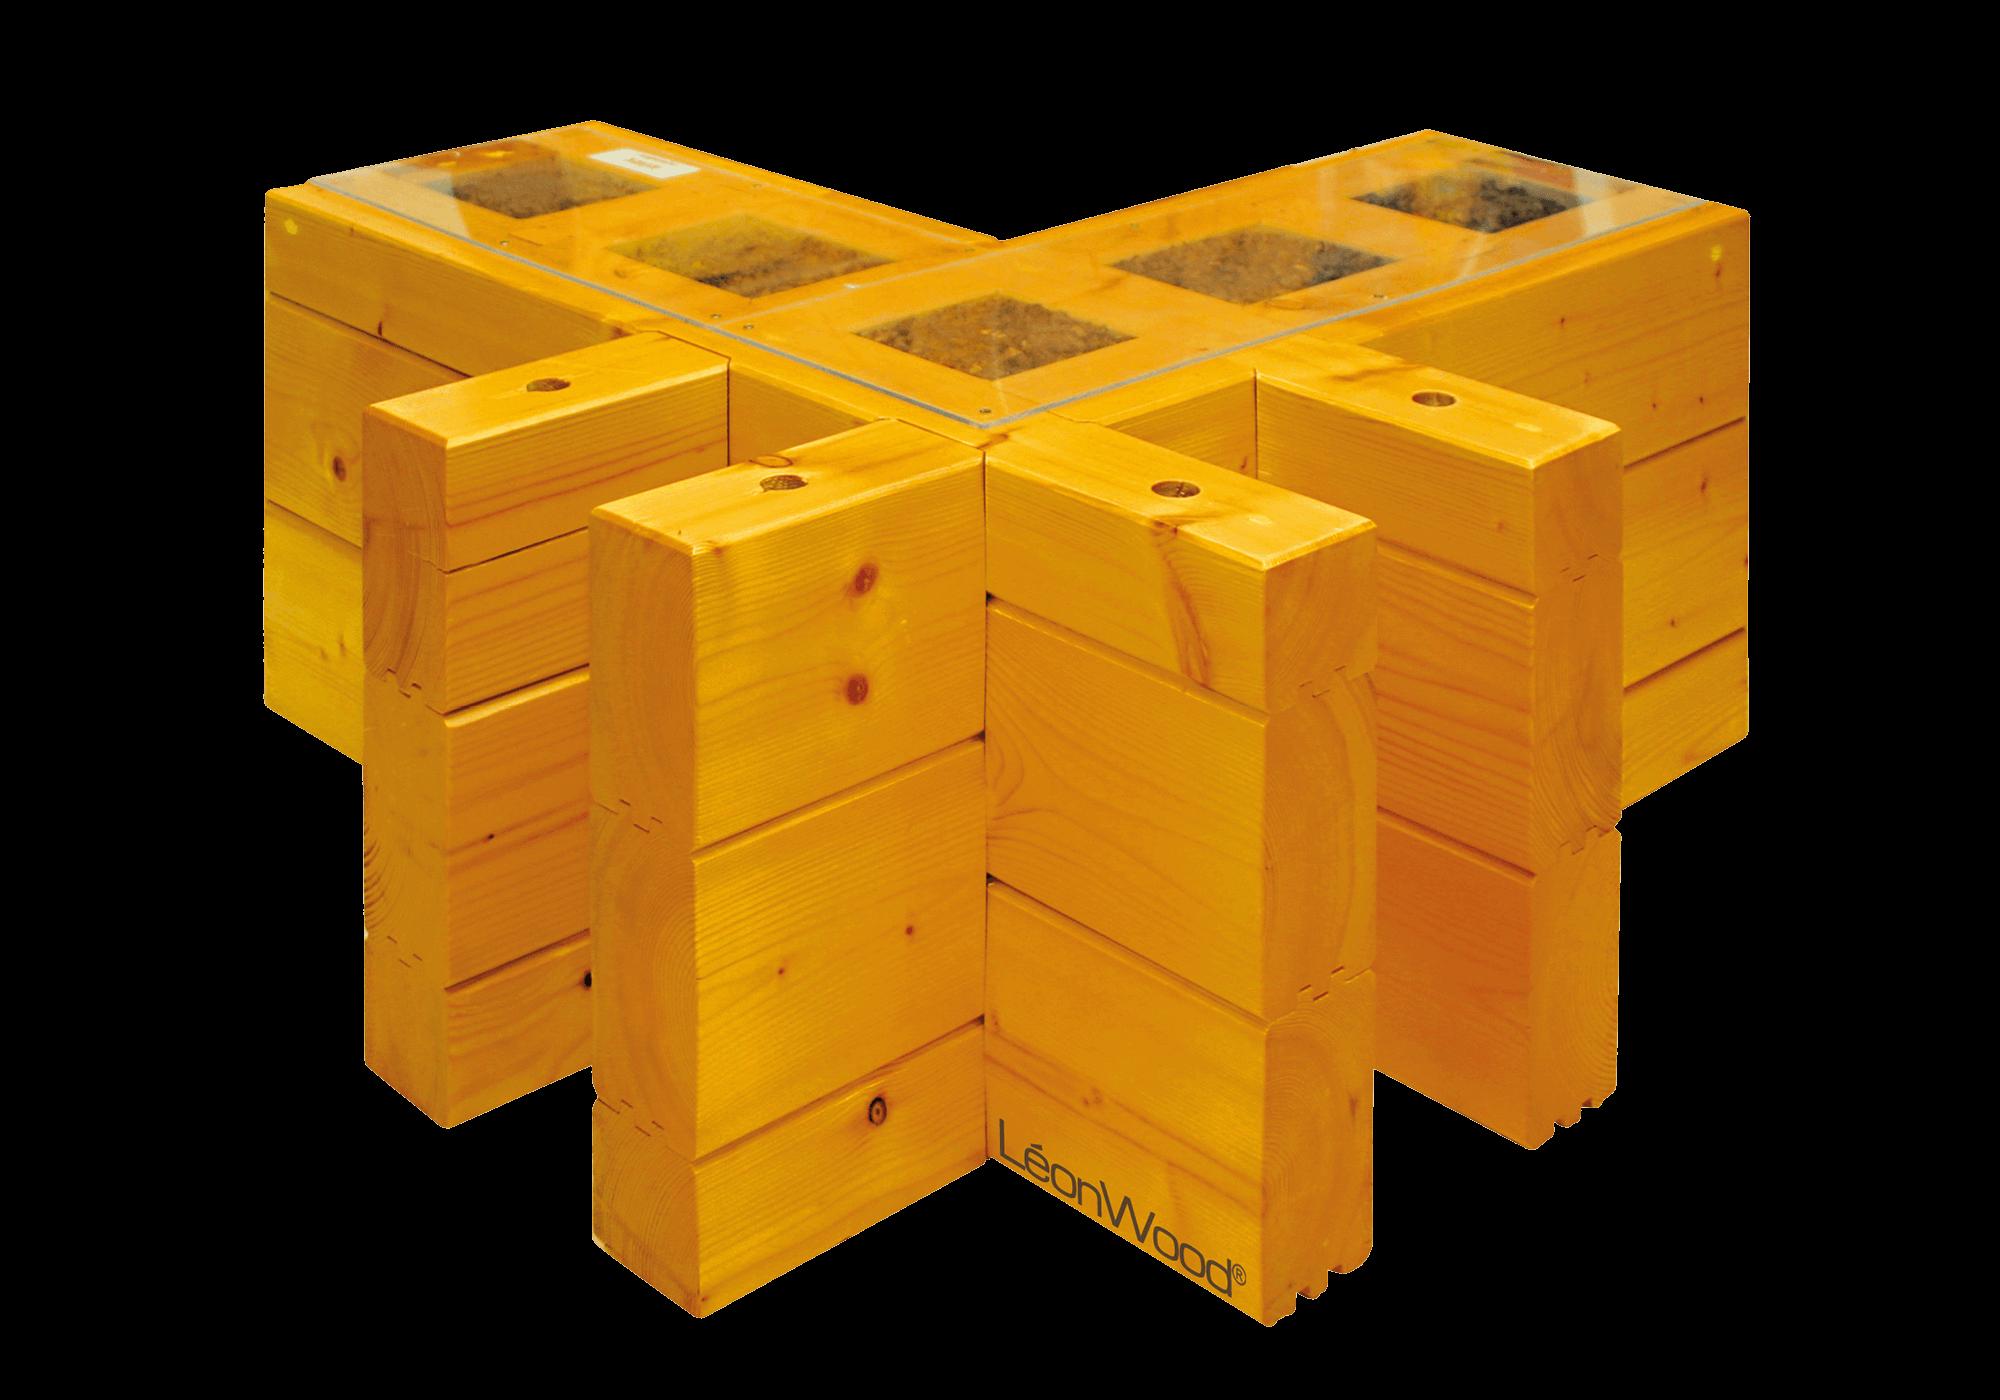 Die BIO-Doppelwand® von LéonWood® verfügt über hervorragende Wärmedämmeigenschaften und schafft die Basis für ein wohliges Gefühl im Holzhaus.